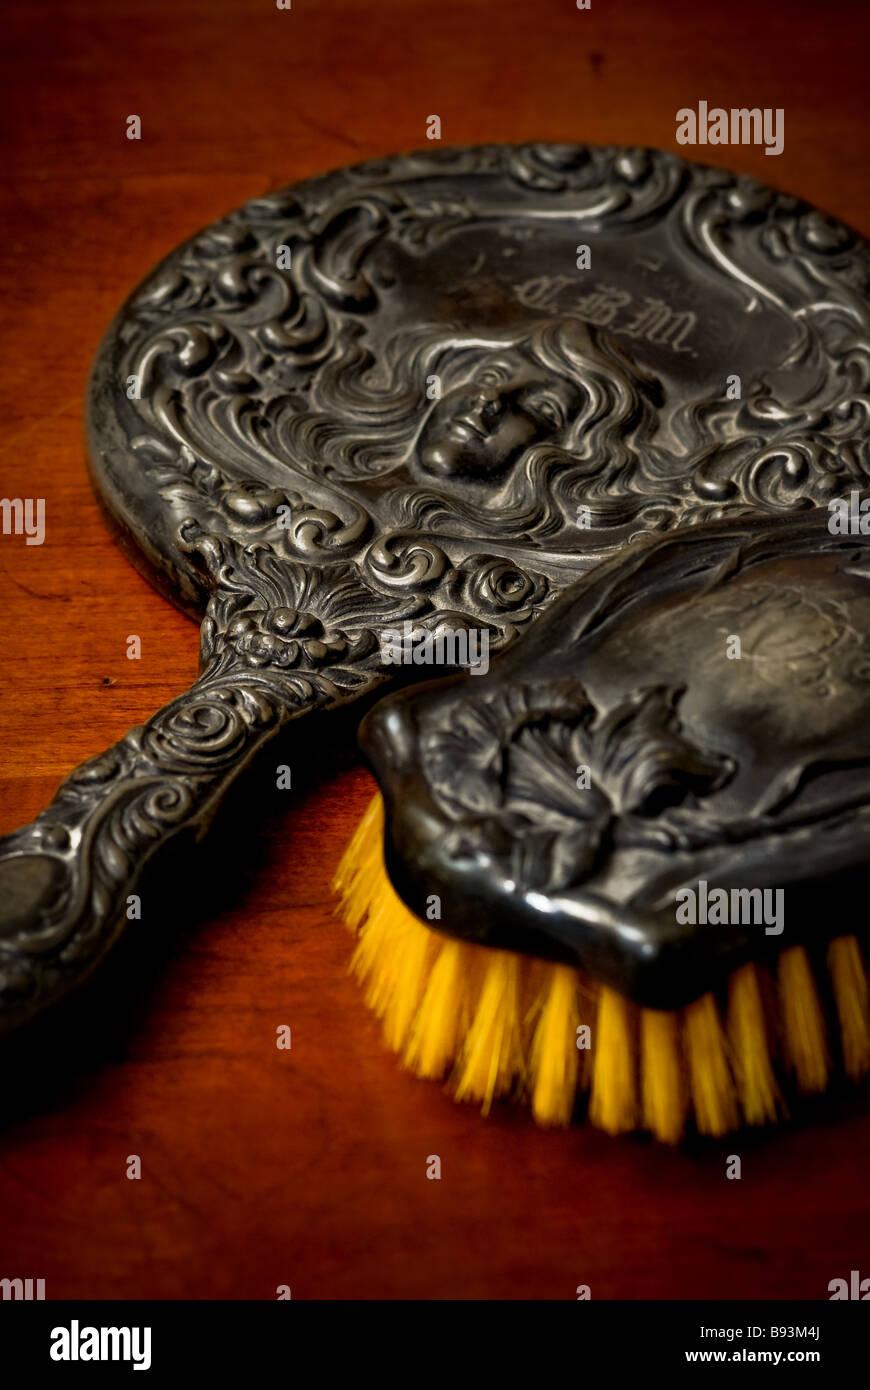 Ancora la vita di un antico pennello e specchio a mano con un disegno decorativo di una donna con lunghe ciocche Immagini Stock